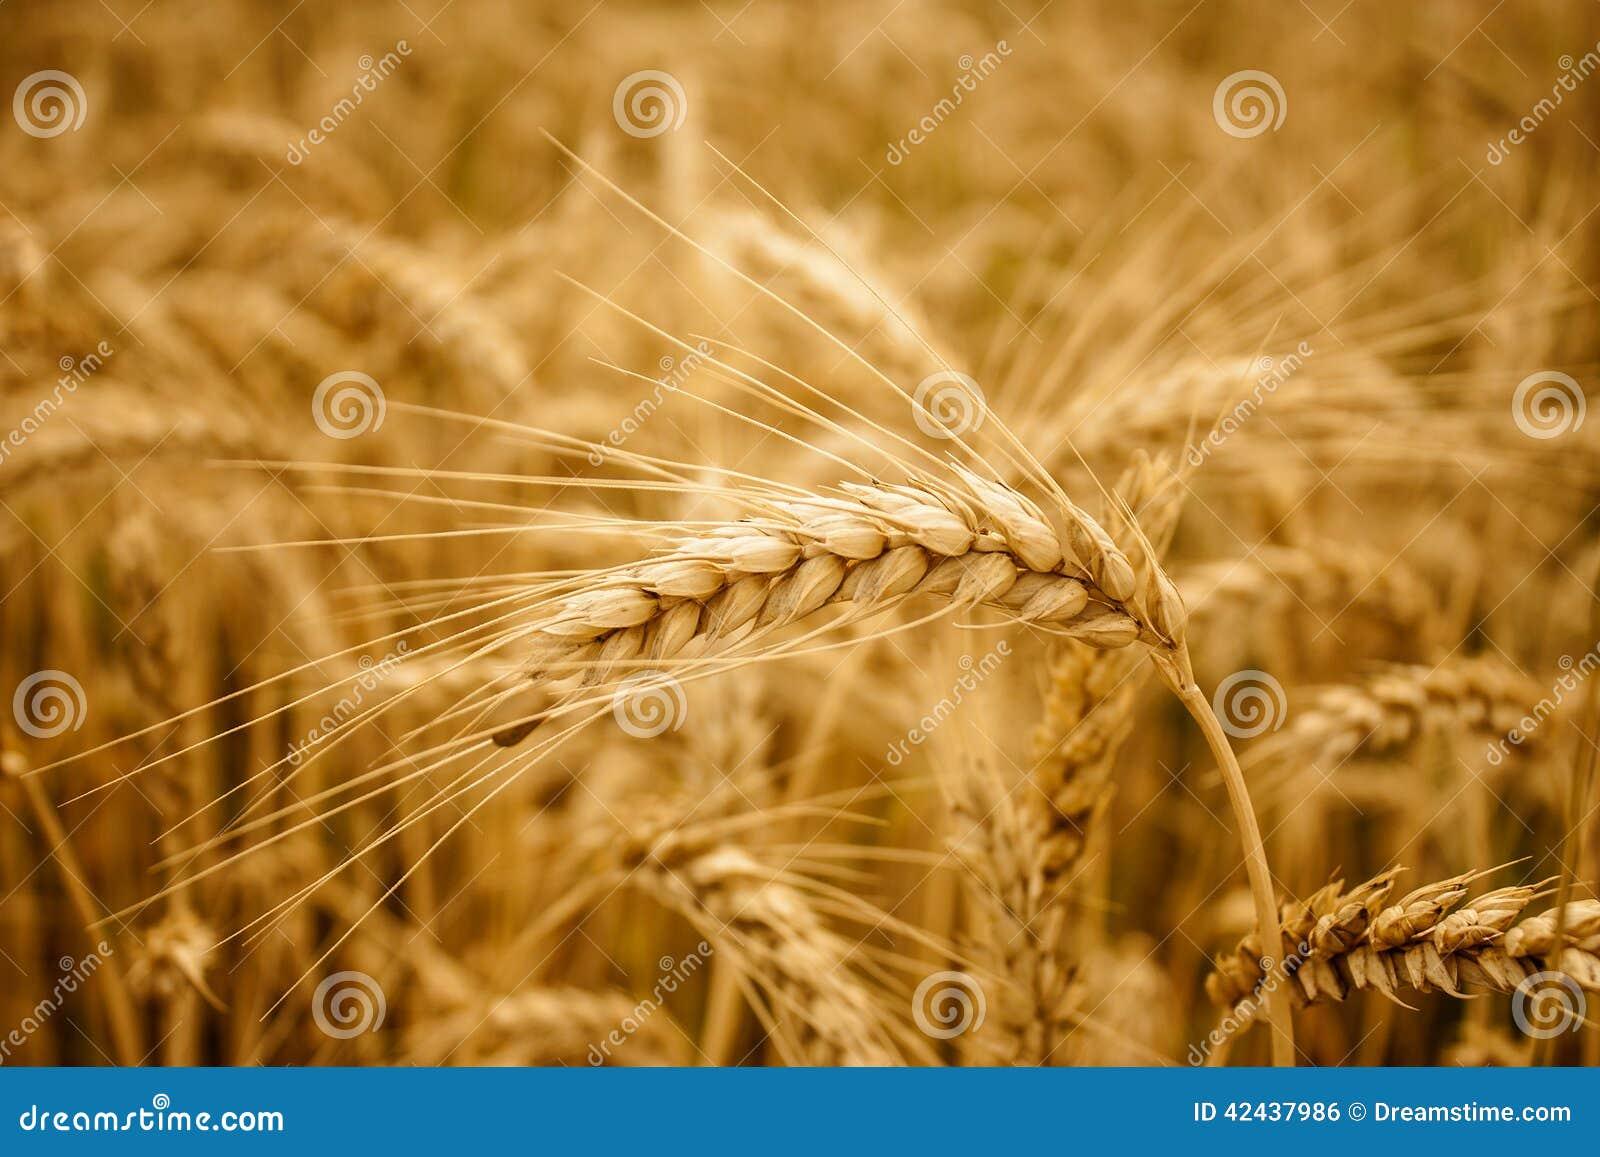 Fondo amarillo del campo de los oídos del trigo